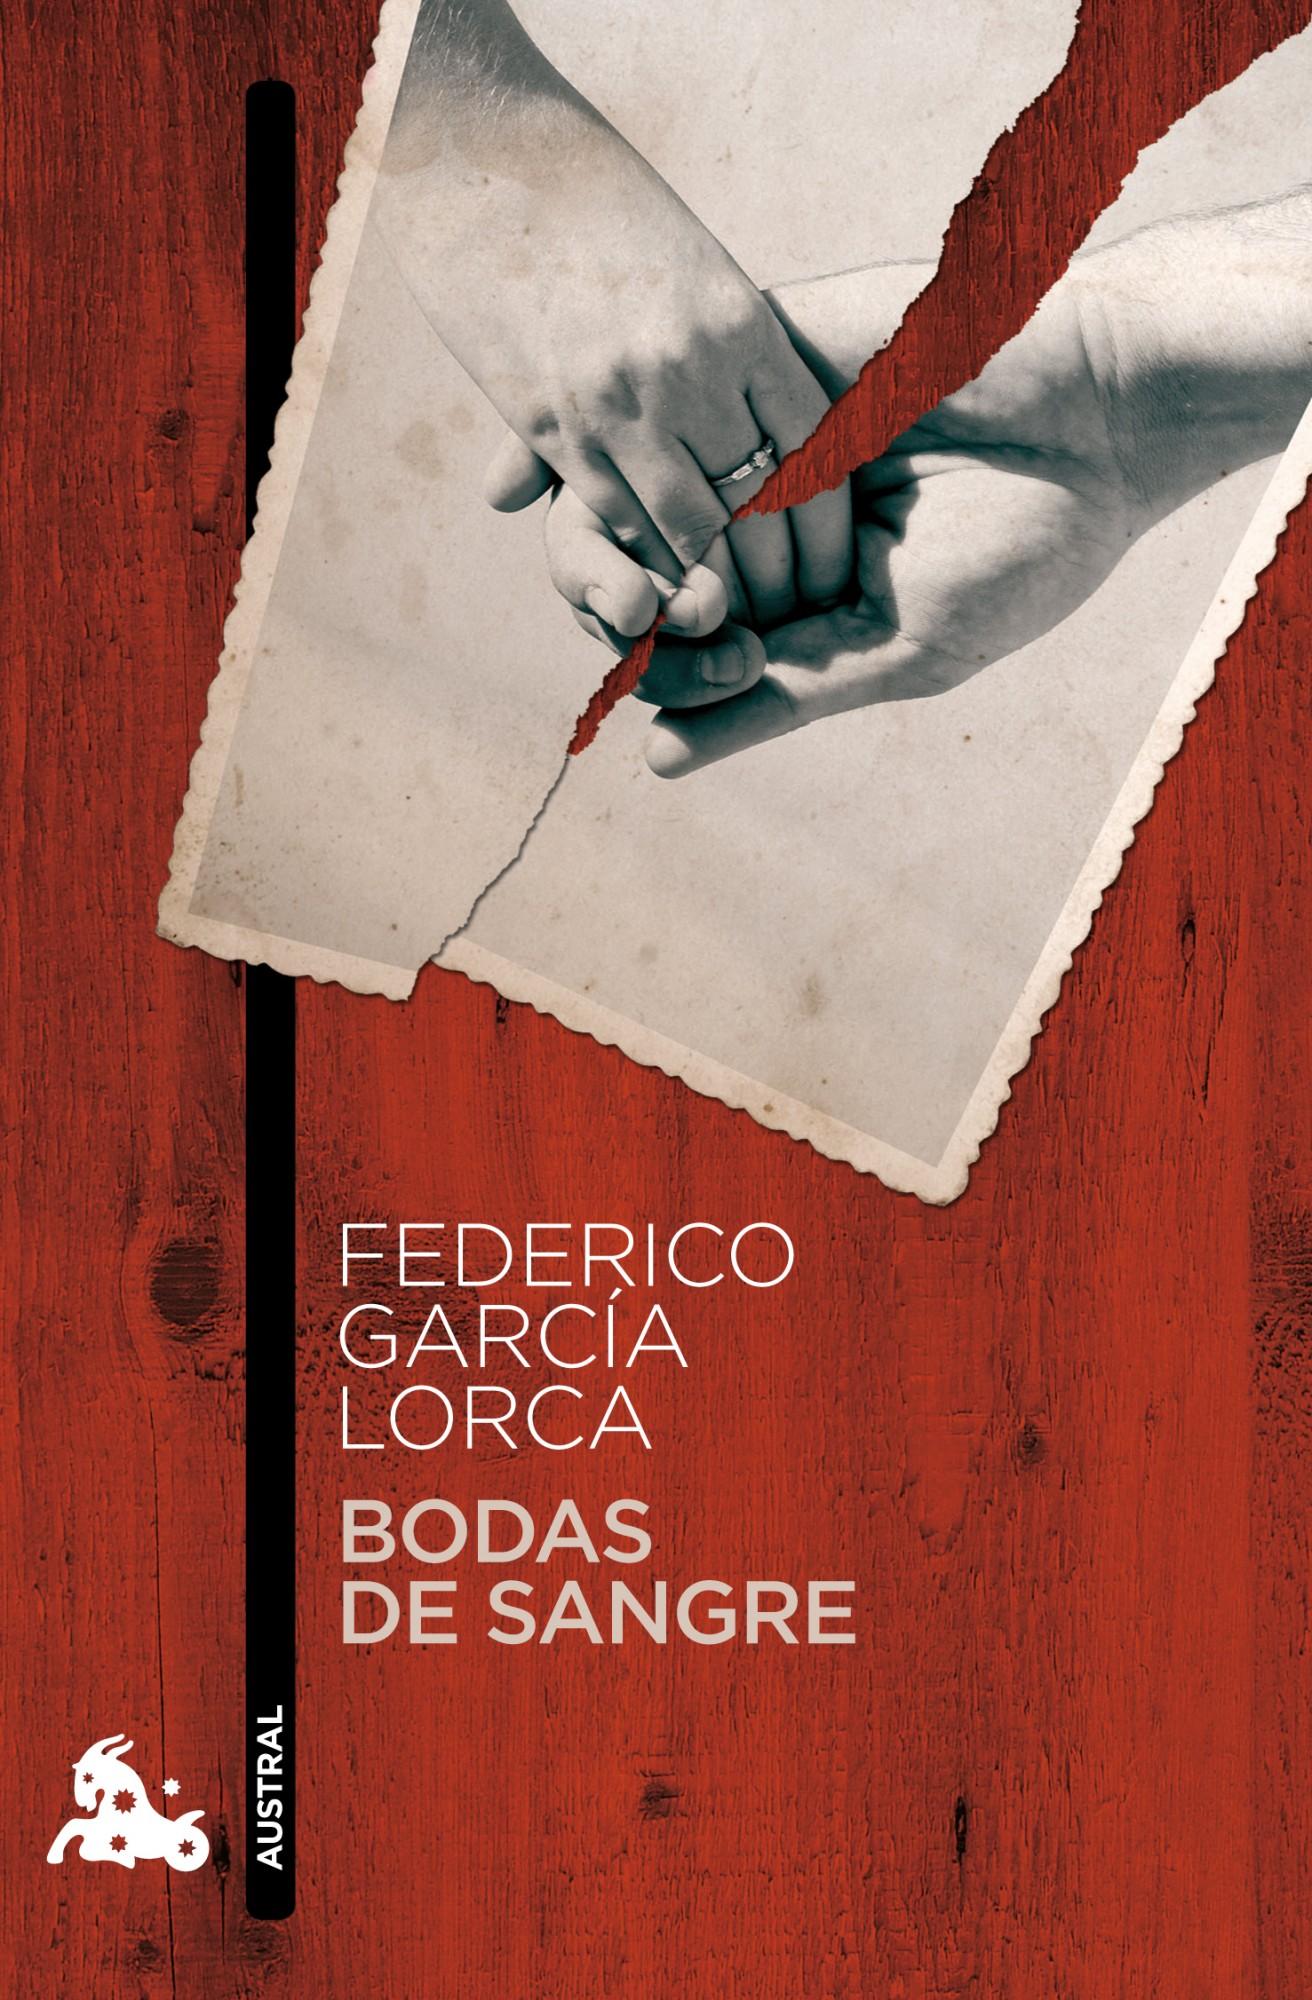 'Bodas de sangre', una de las obras representadas